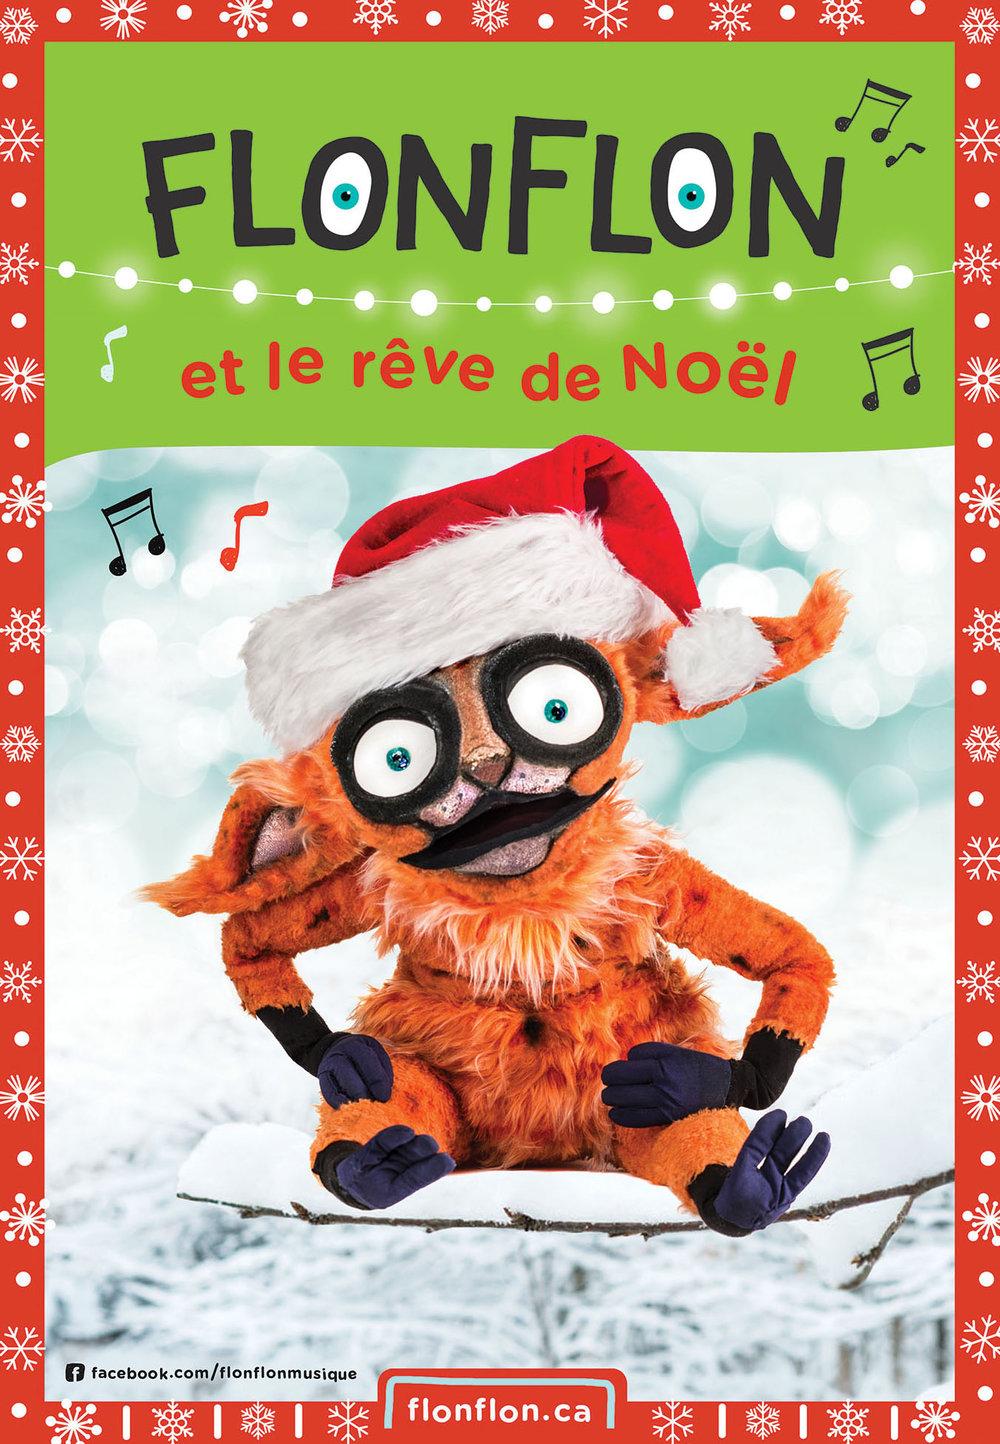 Flonflon_poster_Noel_jpeg.jpg